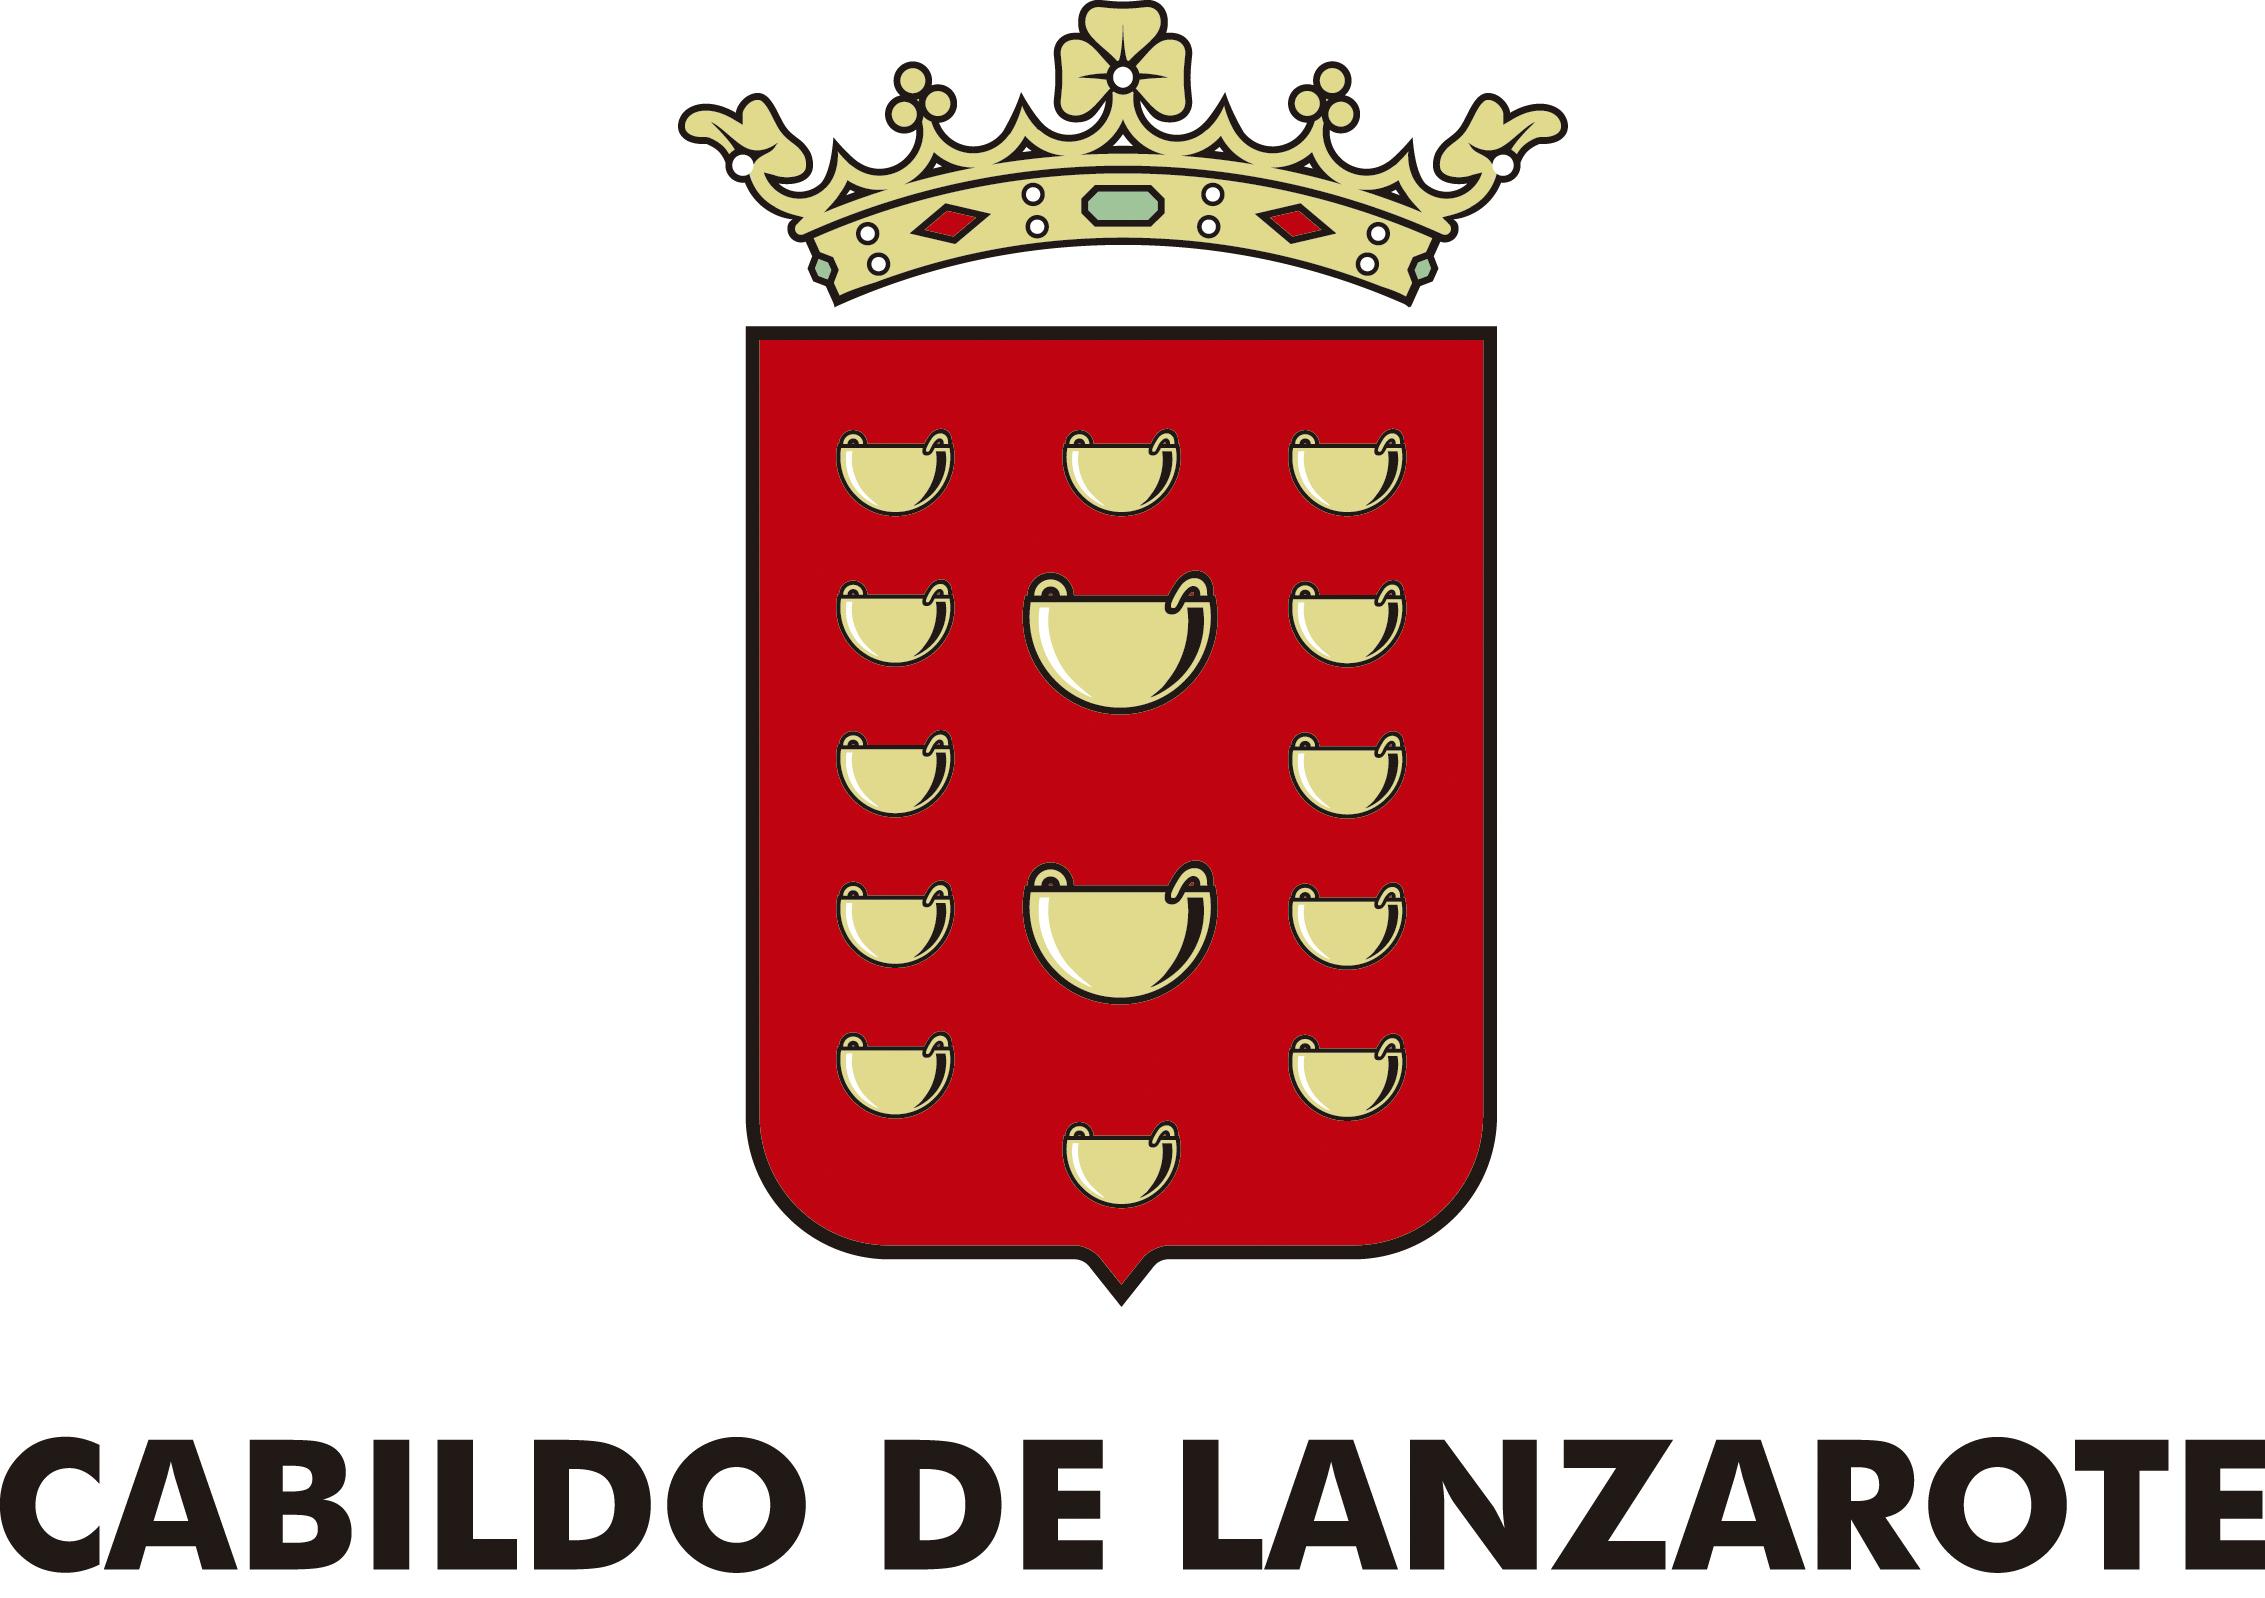 Cabildo de Lanzarote copia copia (1).jpg